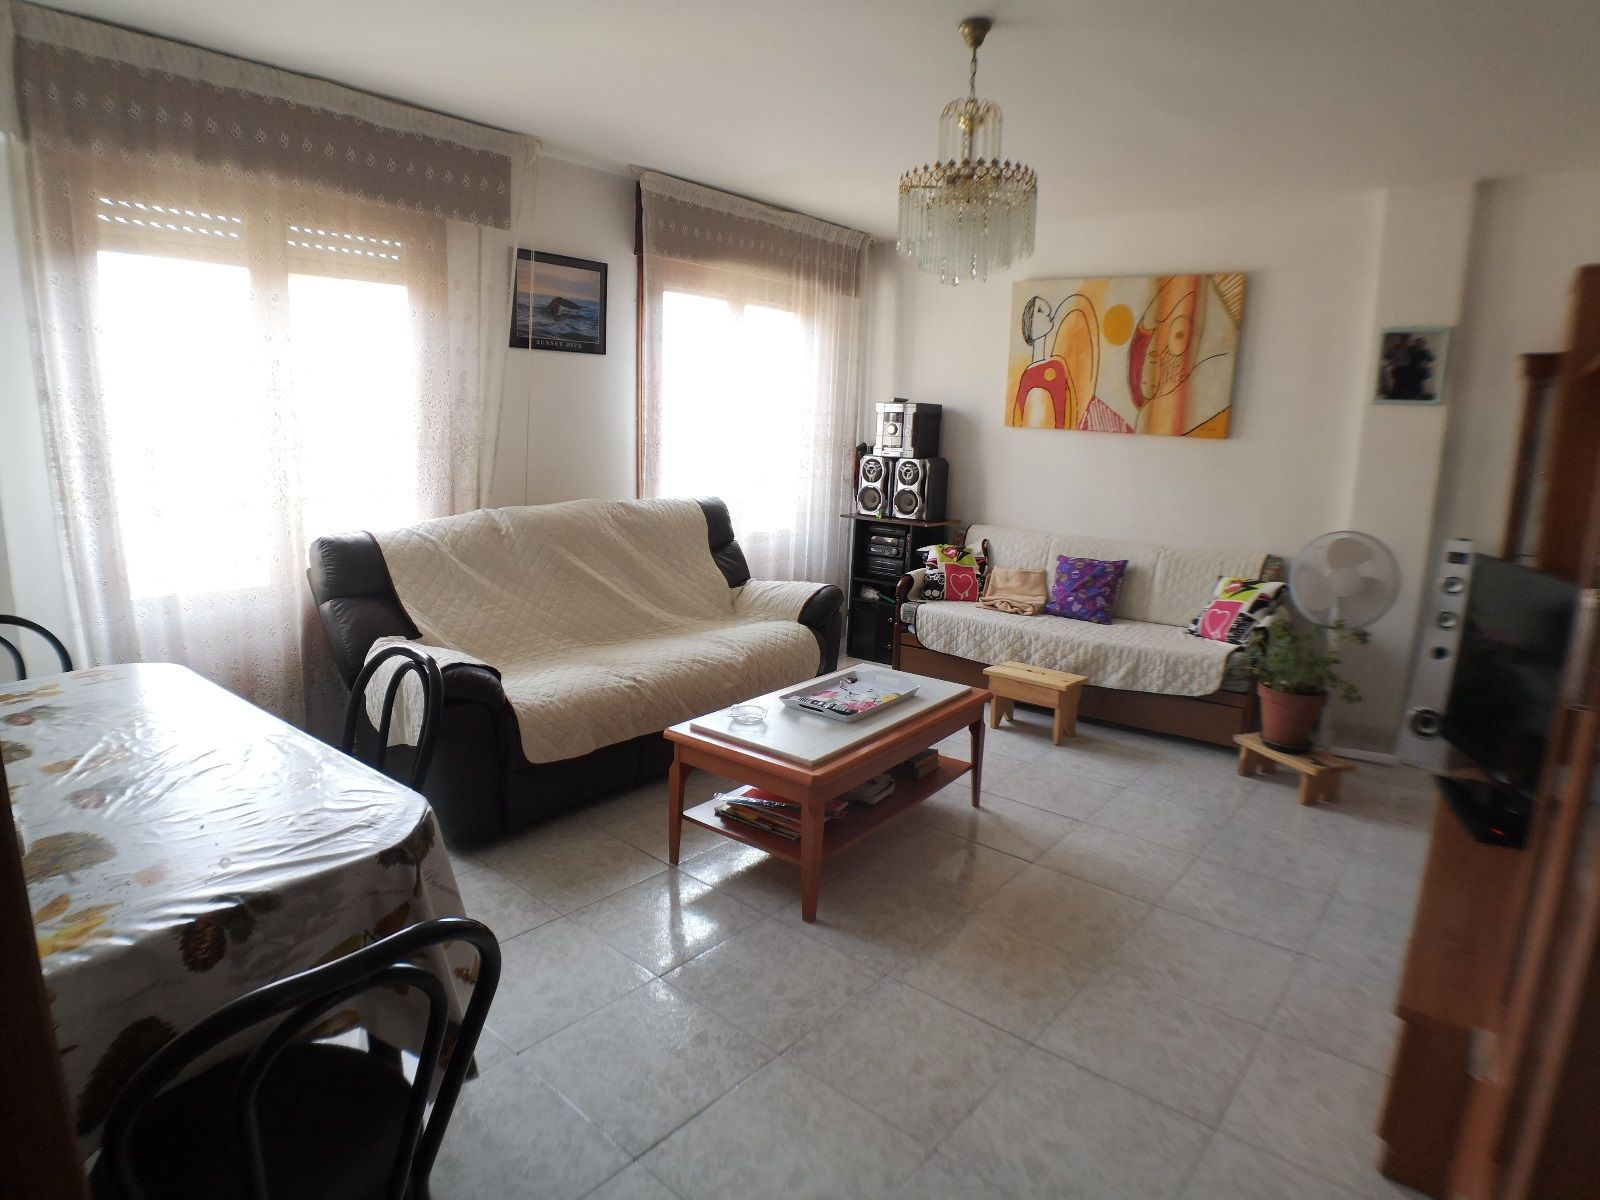 dia.mobiliagestion.es/Portals/inmoatrio/Images/7066/5406522